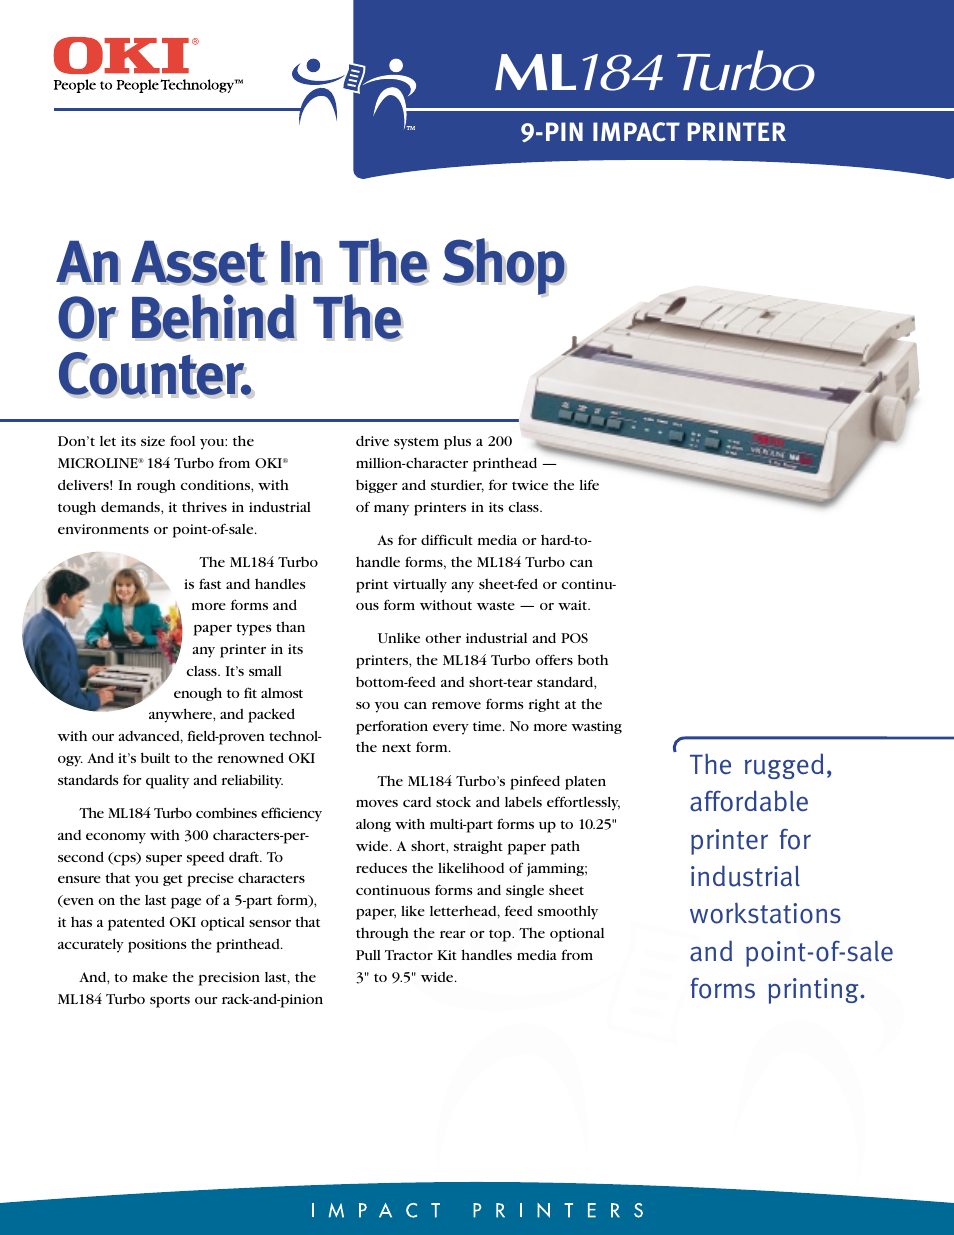 okidata microline 184 turbo printer repair manual